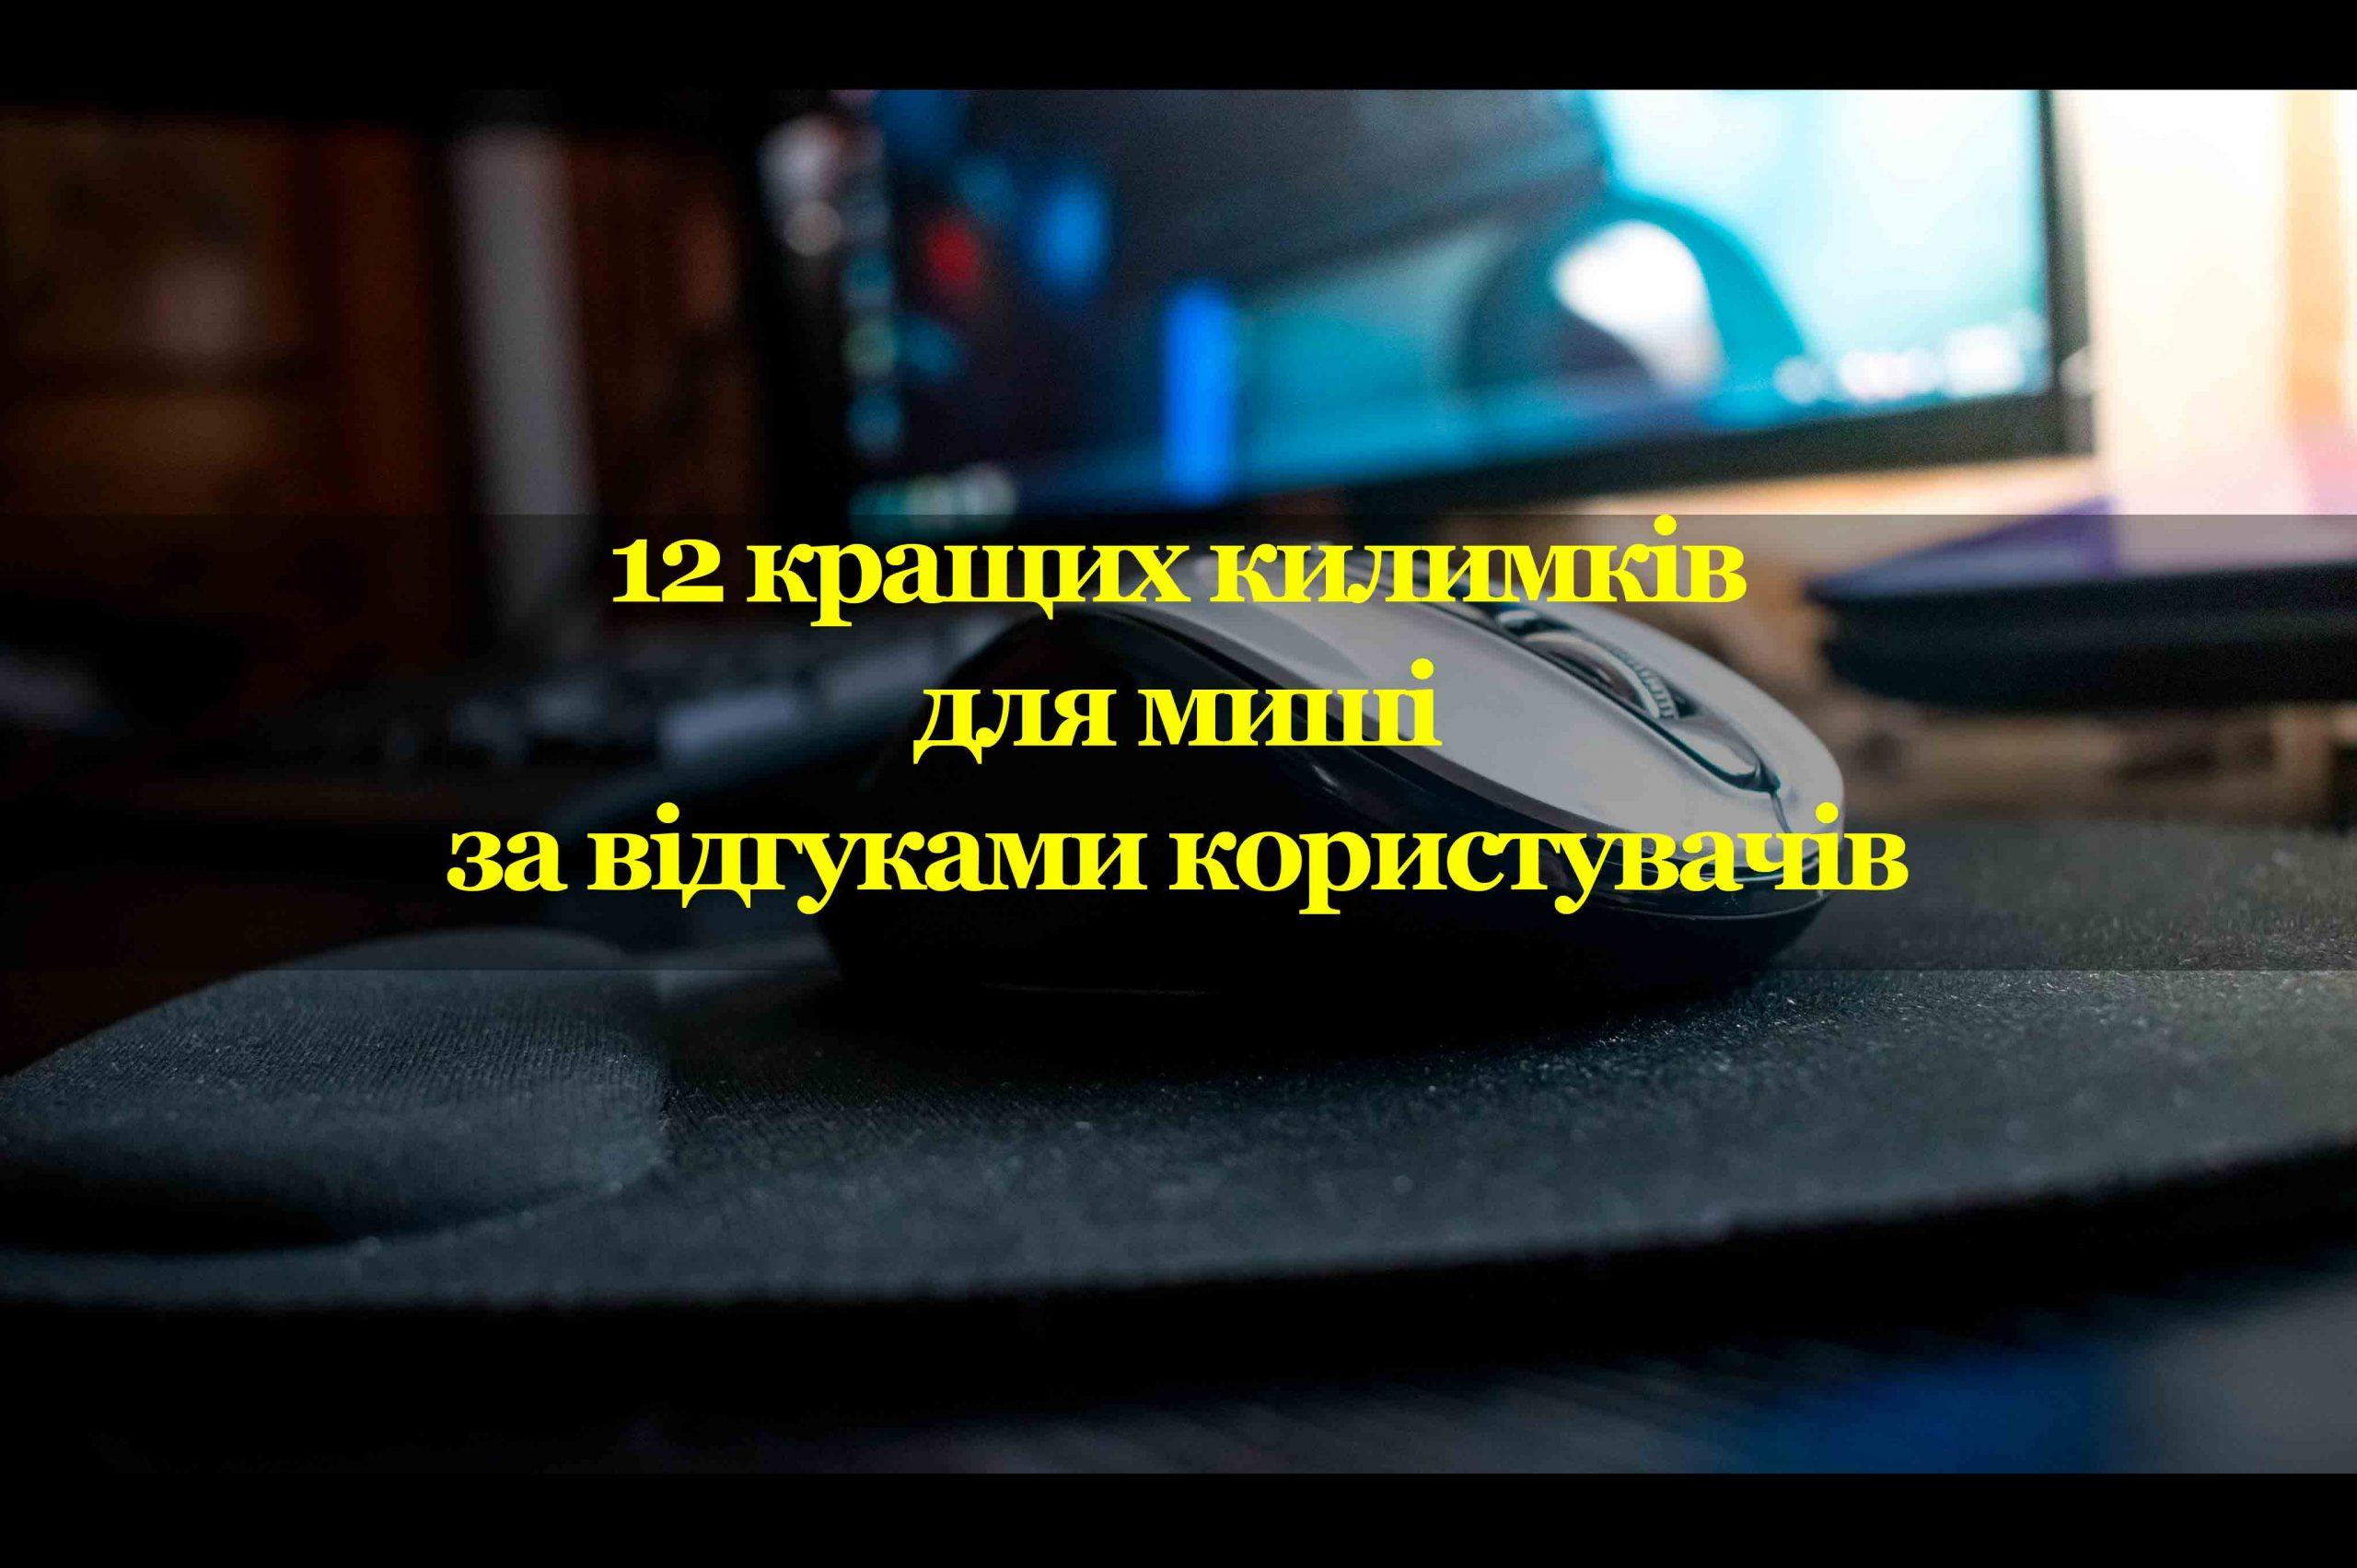 ТОП 12 кращих килимків для миші 2021 року